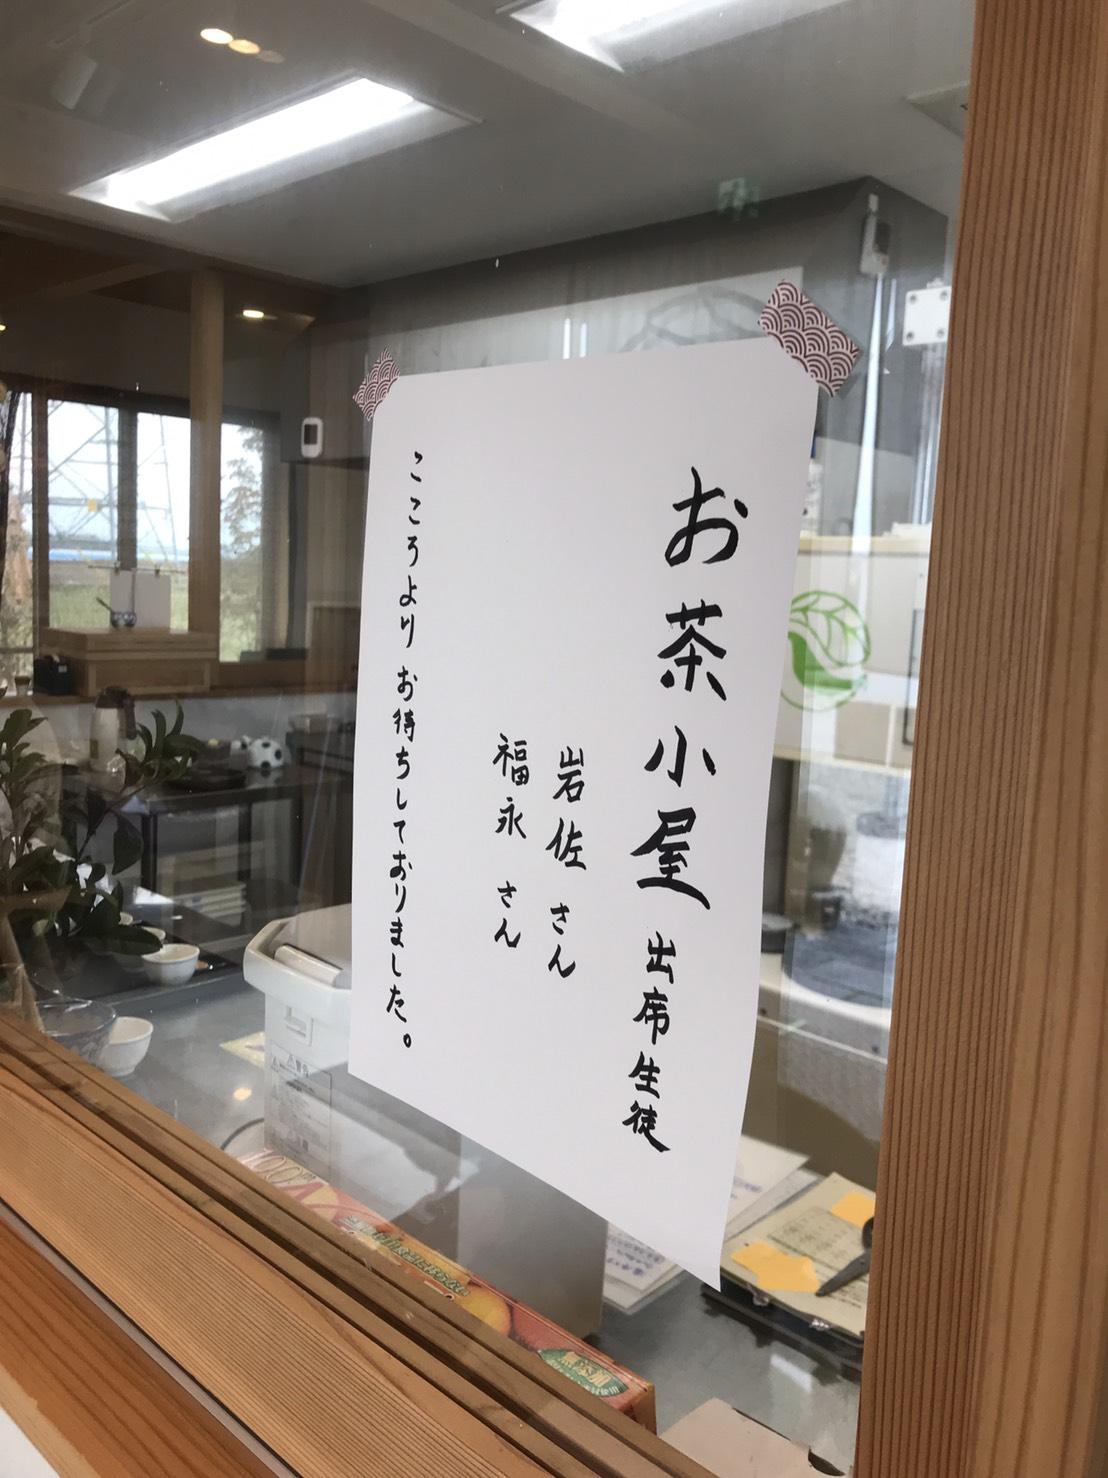 お茶好きのための、お茶好きによる お茶教室『お茶小屋』を開催しました